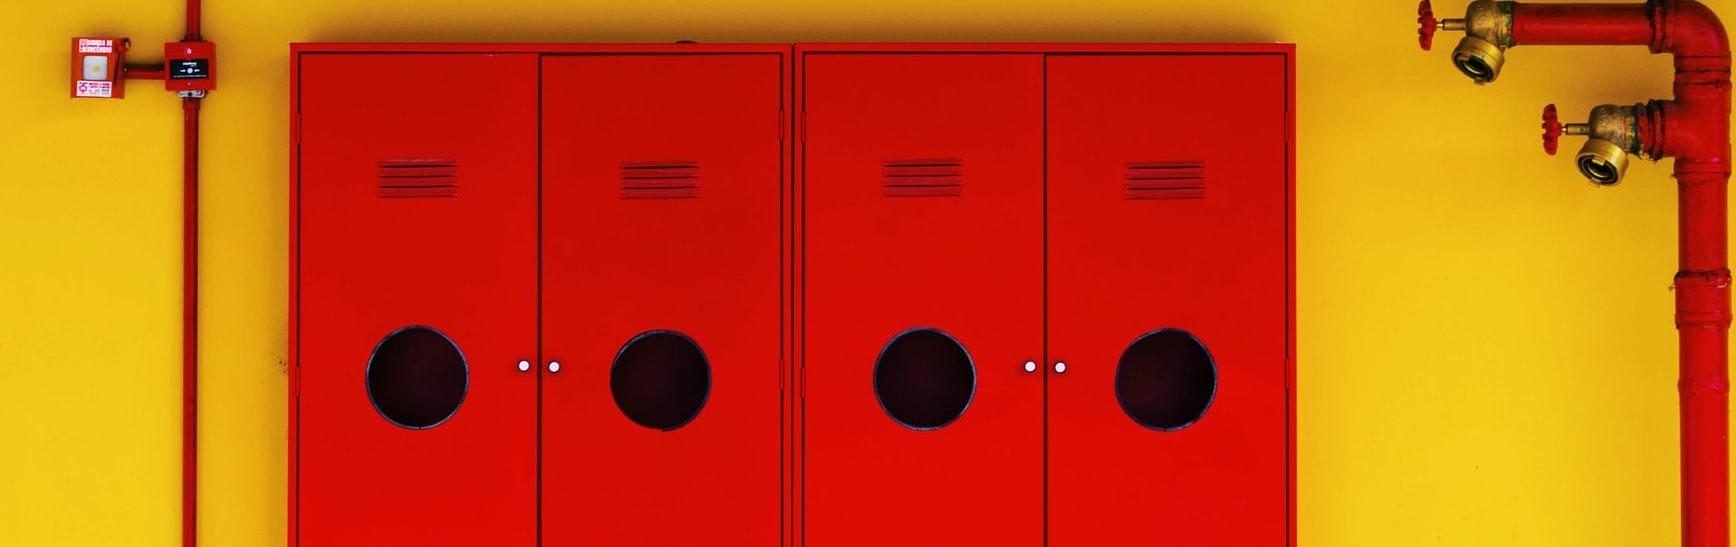 fire equipment storage